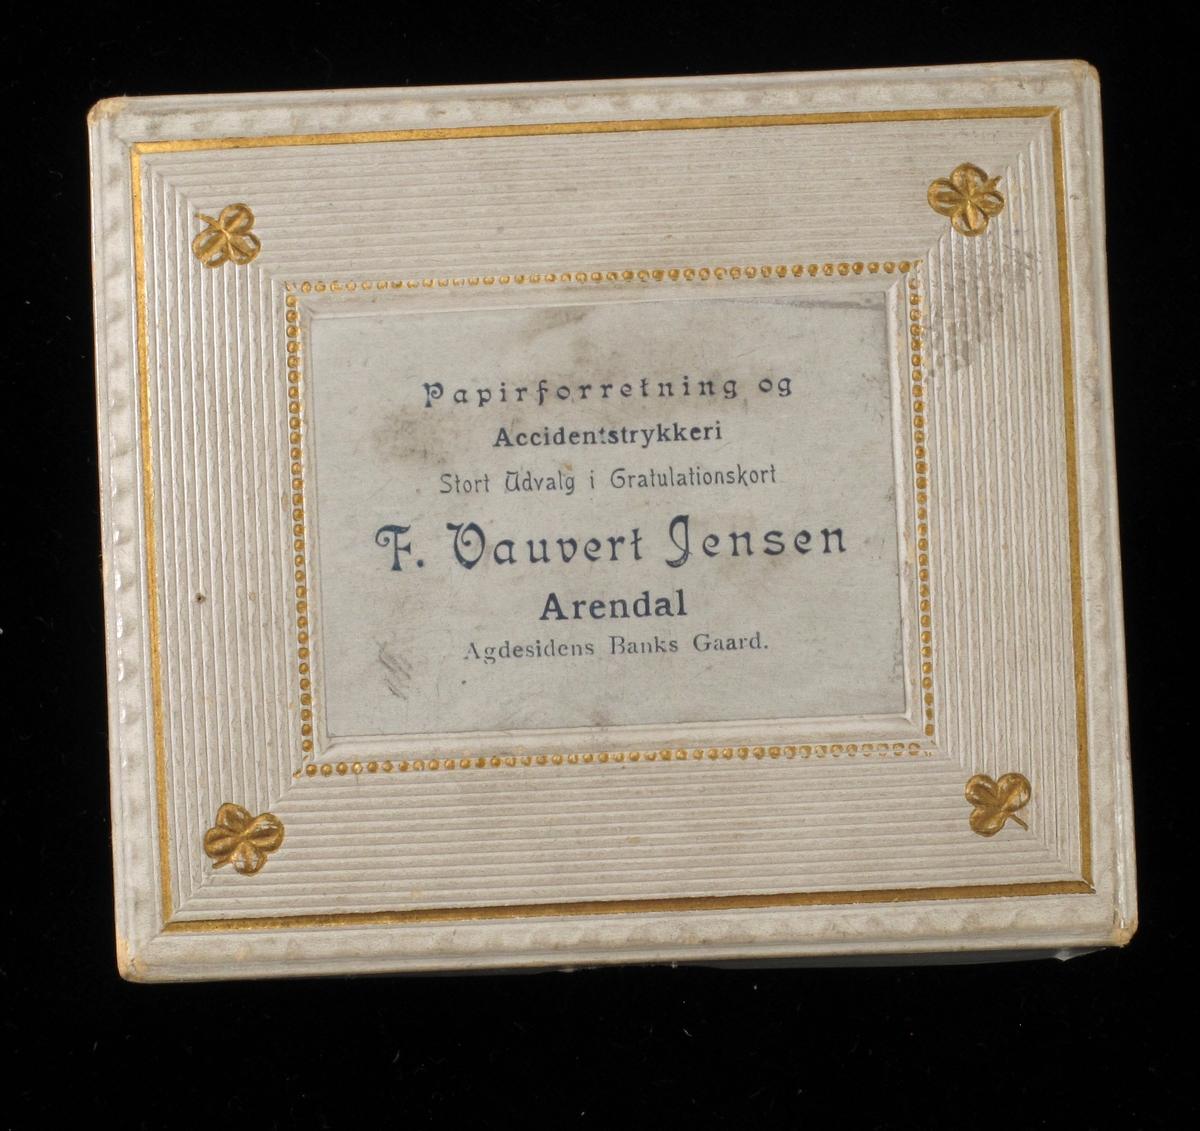 Vareeske av kartong, dekorert med påtrykt mønster og firmanavn. Eskelokket er dekorert med preget mønster, linjer, perler og firkløver.